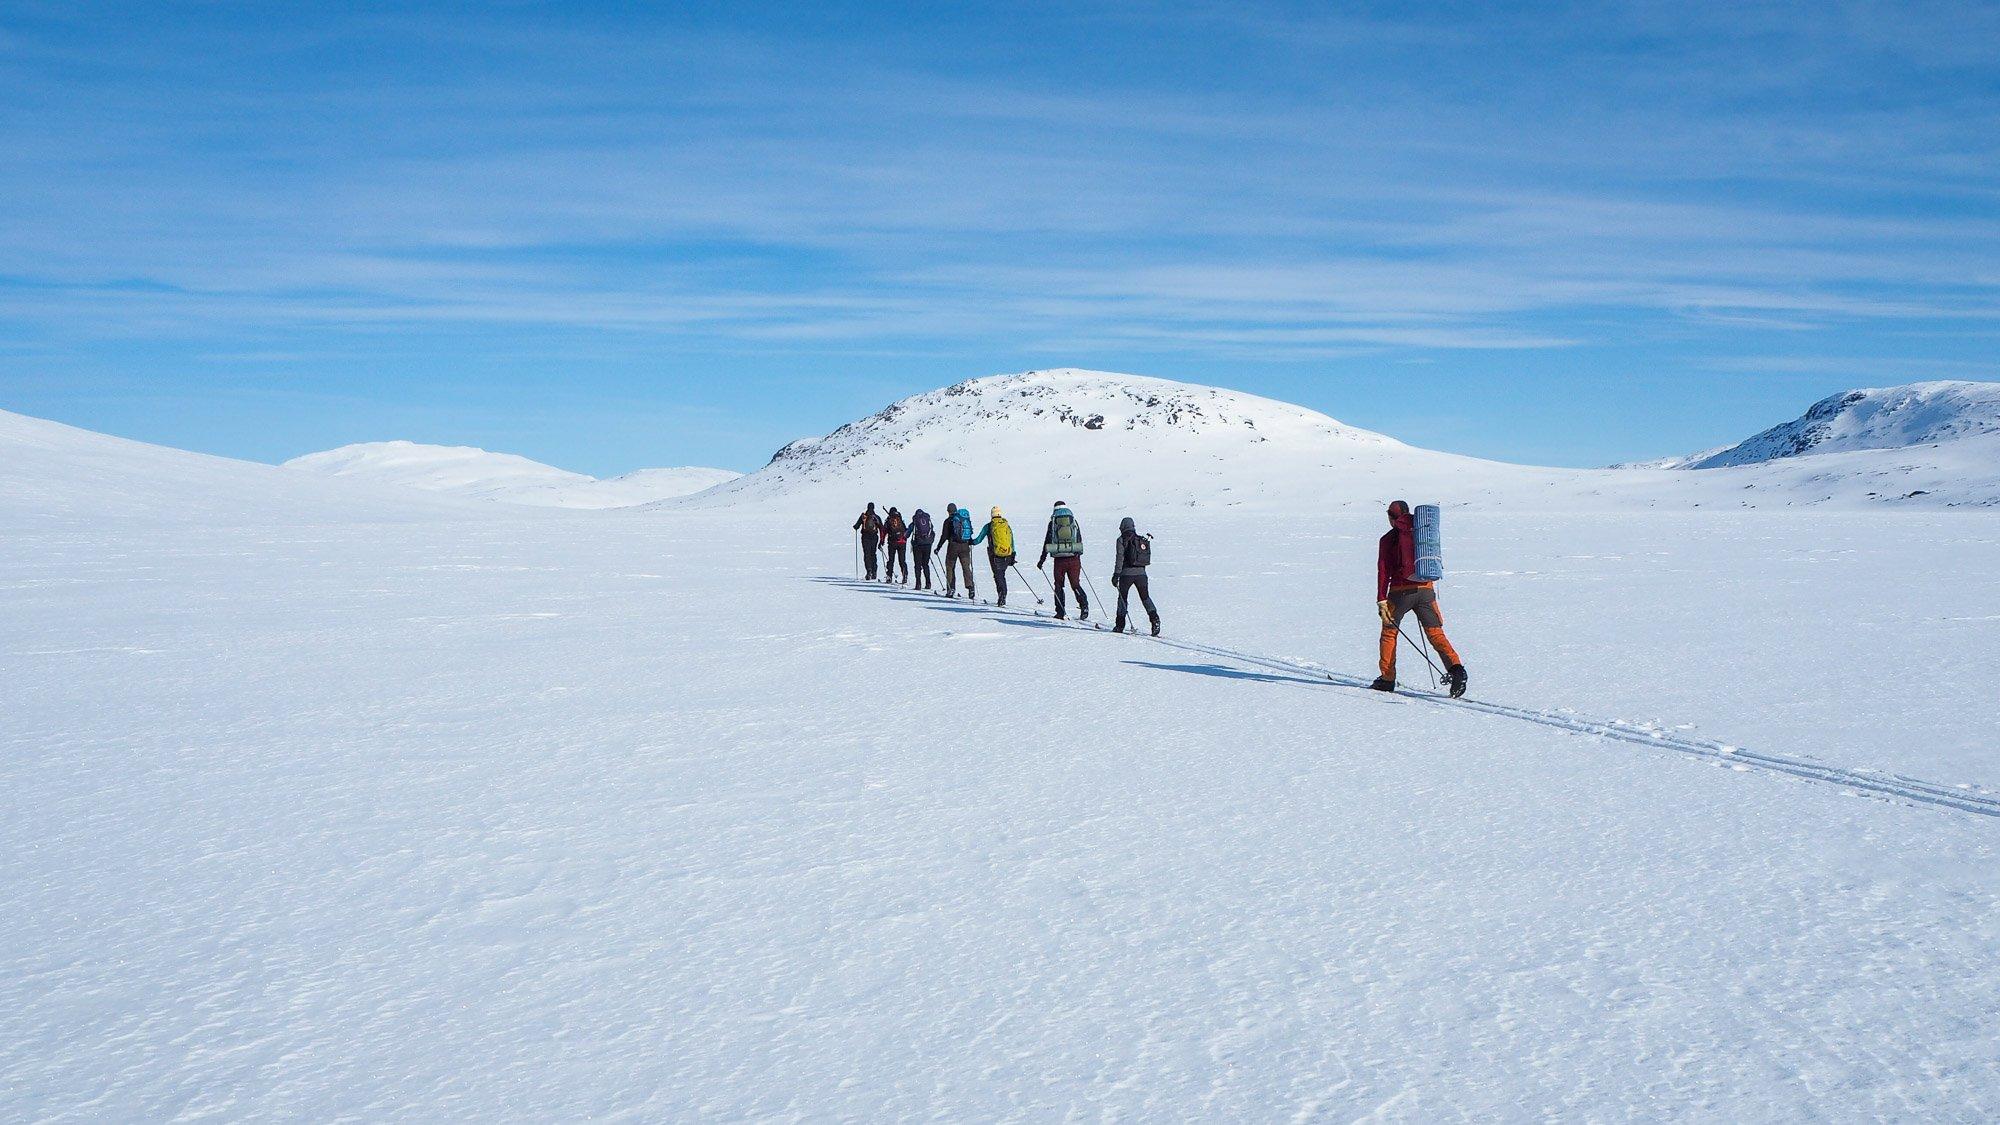 Joukko retkeilijöitä hiihtää jonossa kohti lumisia tuntureita.